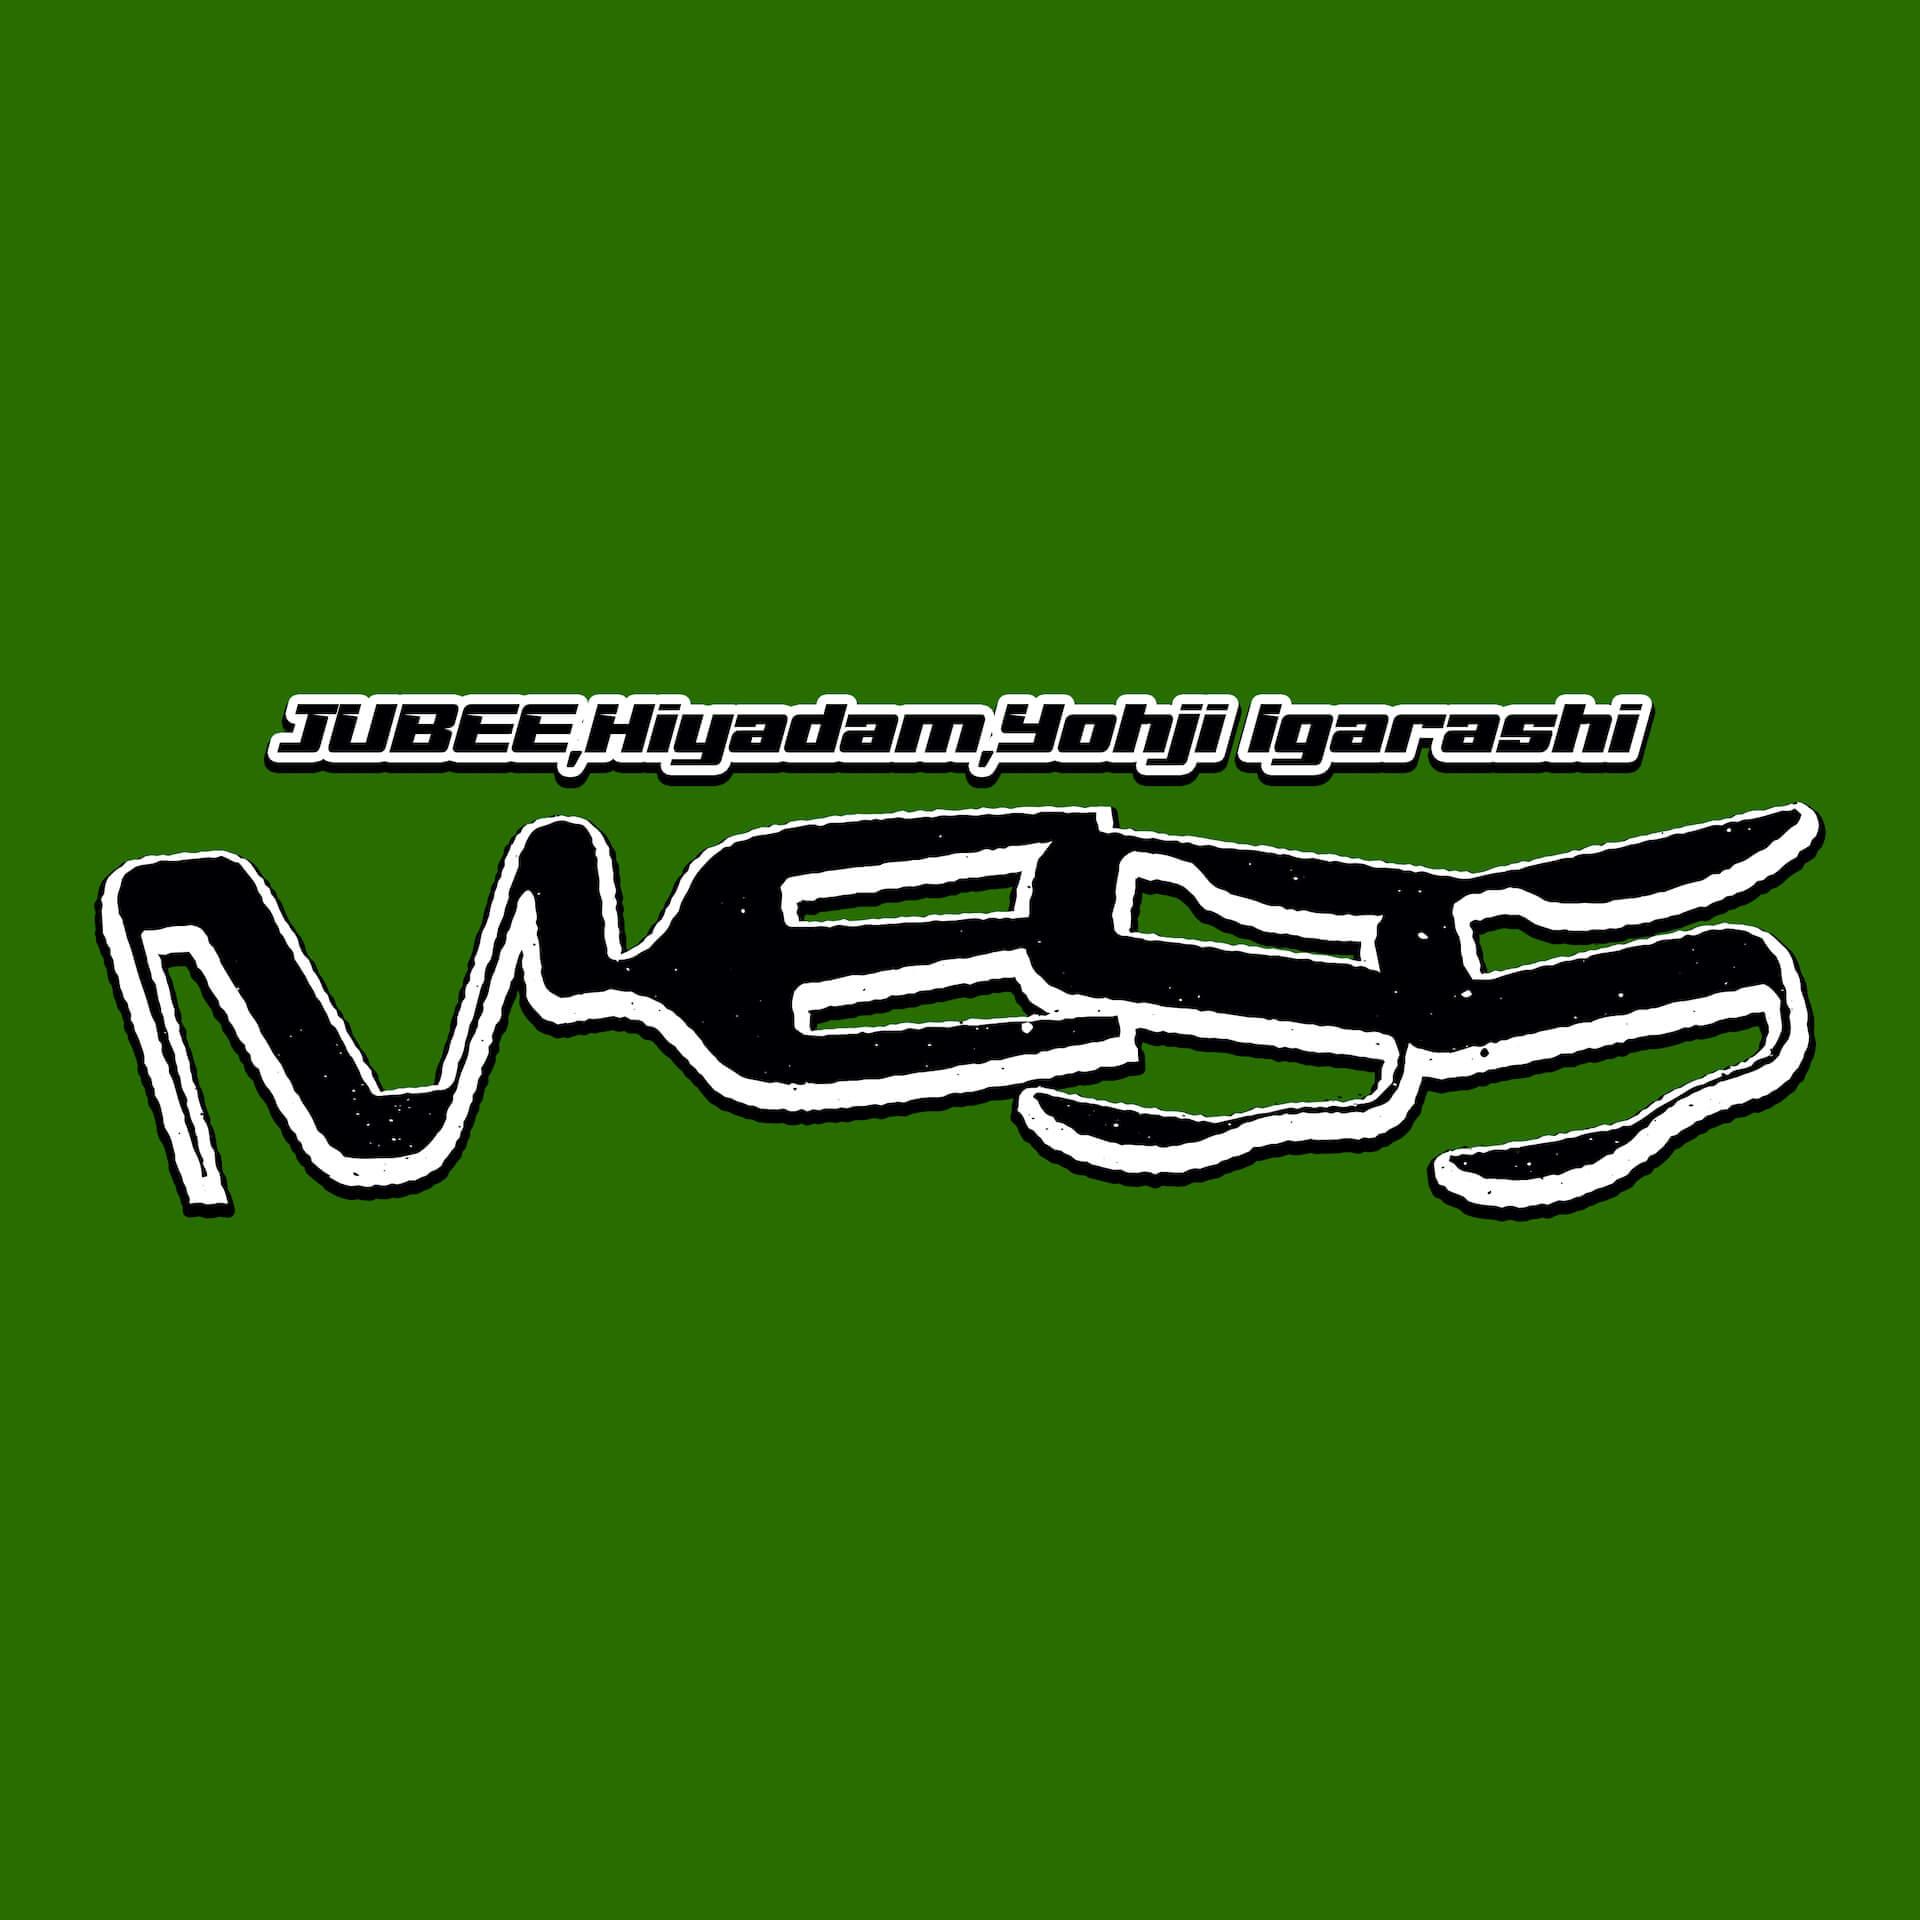 """JUBEEがHIYADAMを客演に迎えた新曲""""Mess""""をリリース!Yohji Igarashiがプロデュース music_210715_jubee3"""